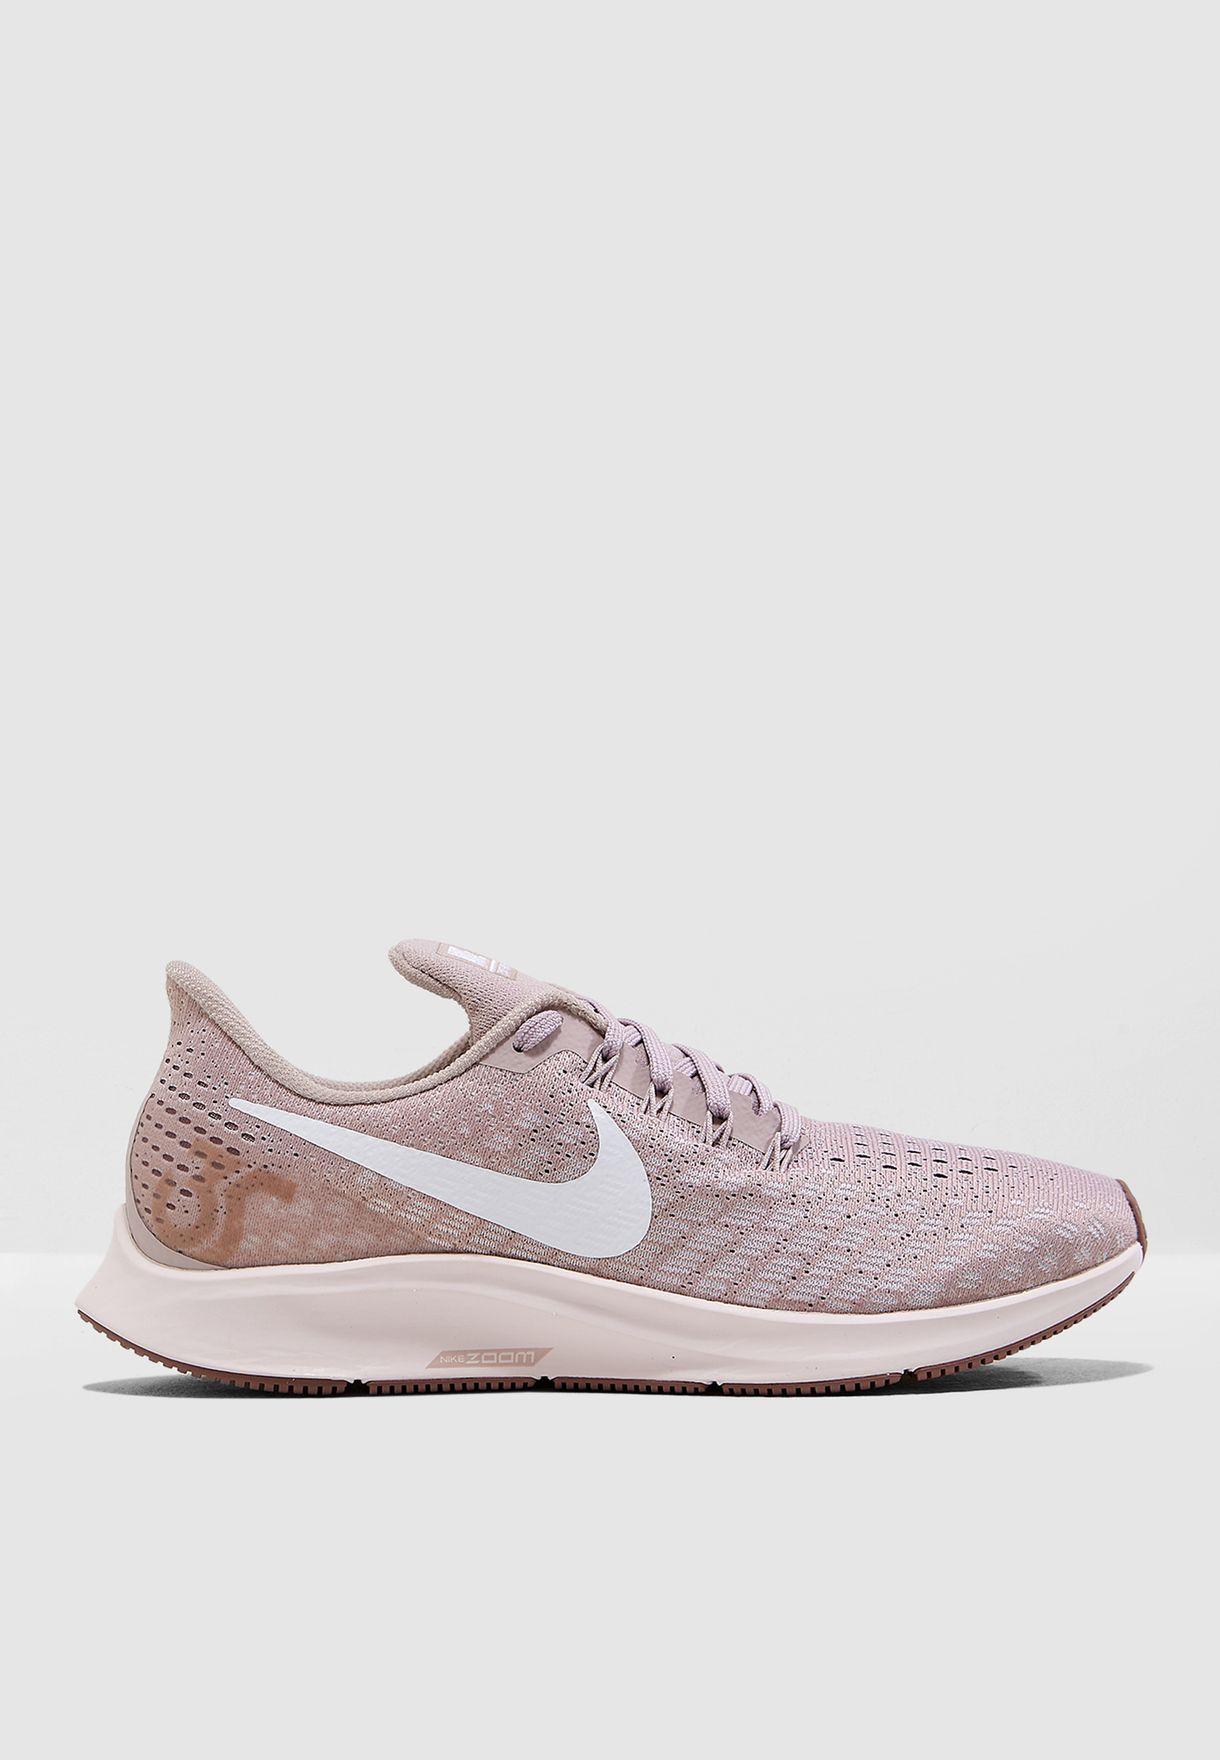 220fe37c04800 Shop Nike purple Air Zoom Pegasus 35 942855-605 for Women in Saudi ...